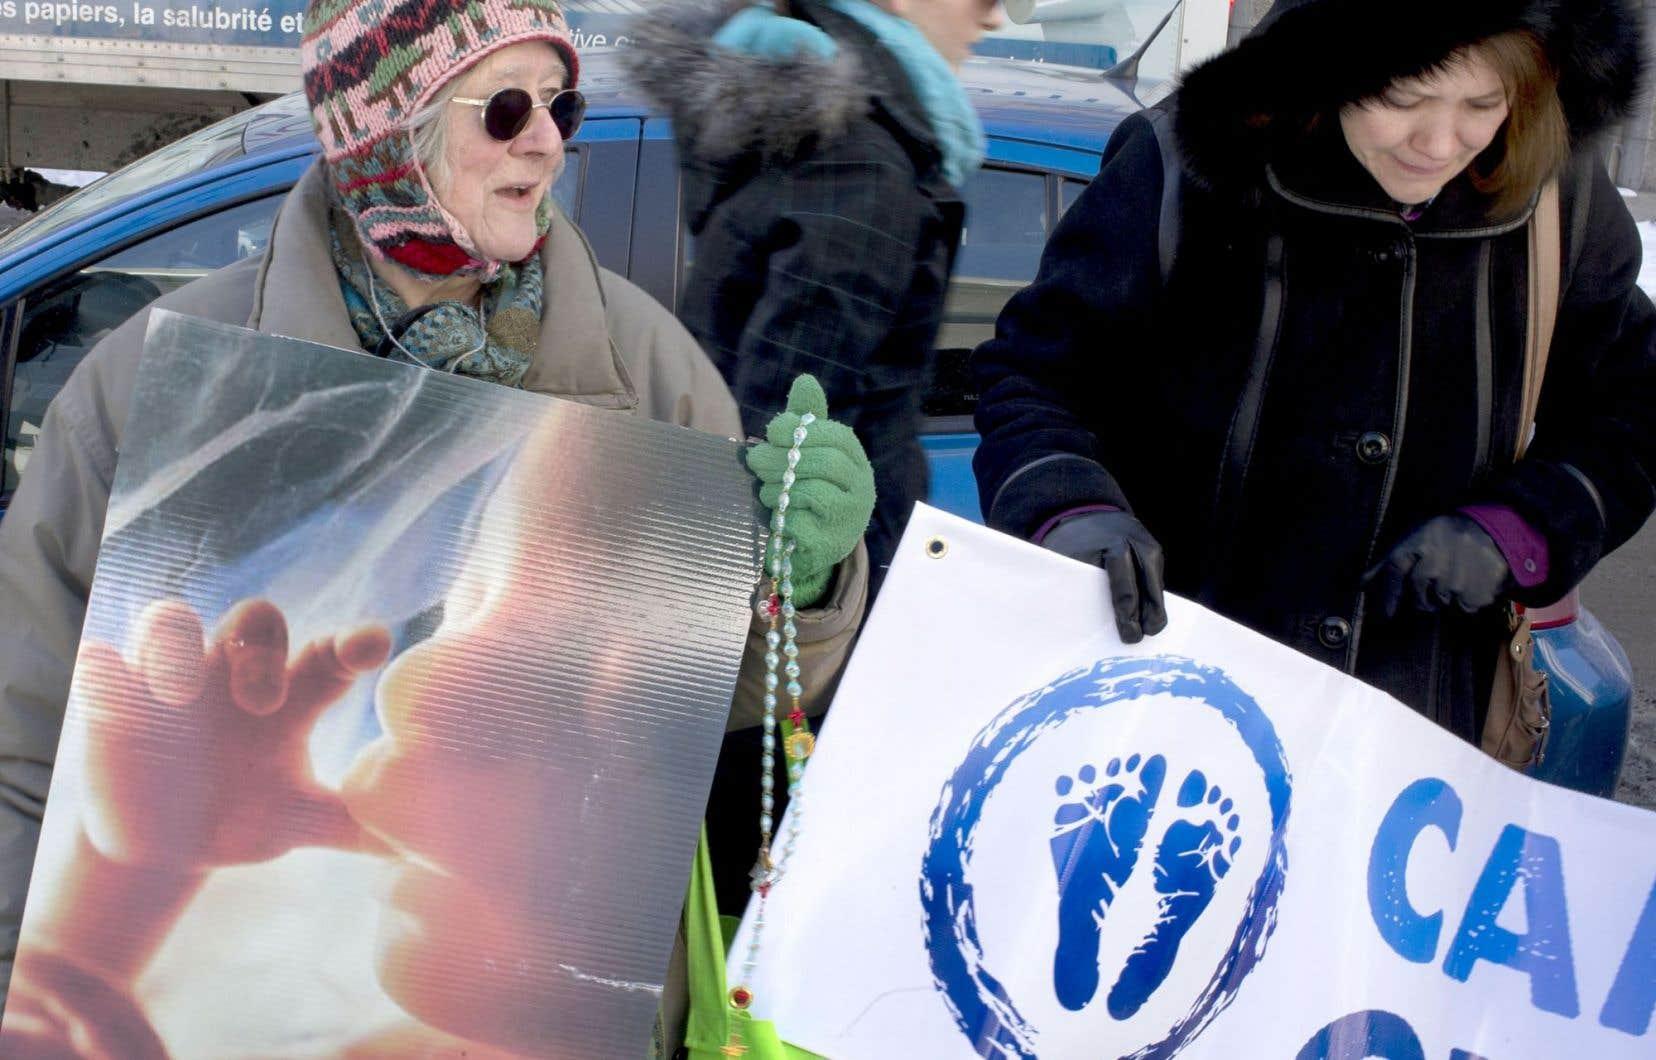 Manifestation pro-vie à Montréal en février 2014